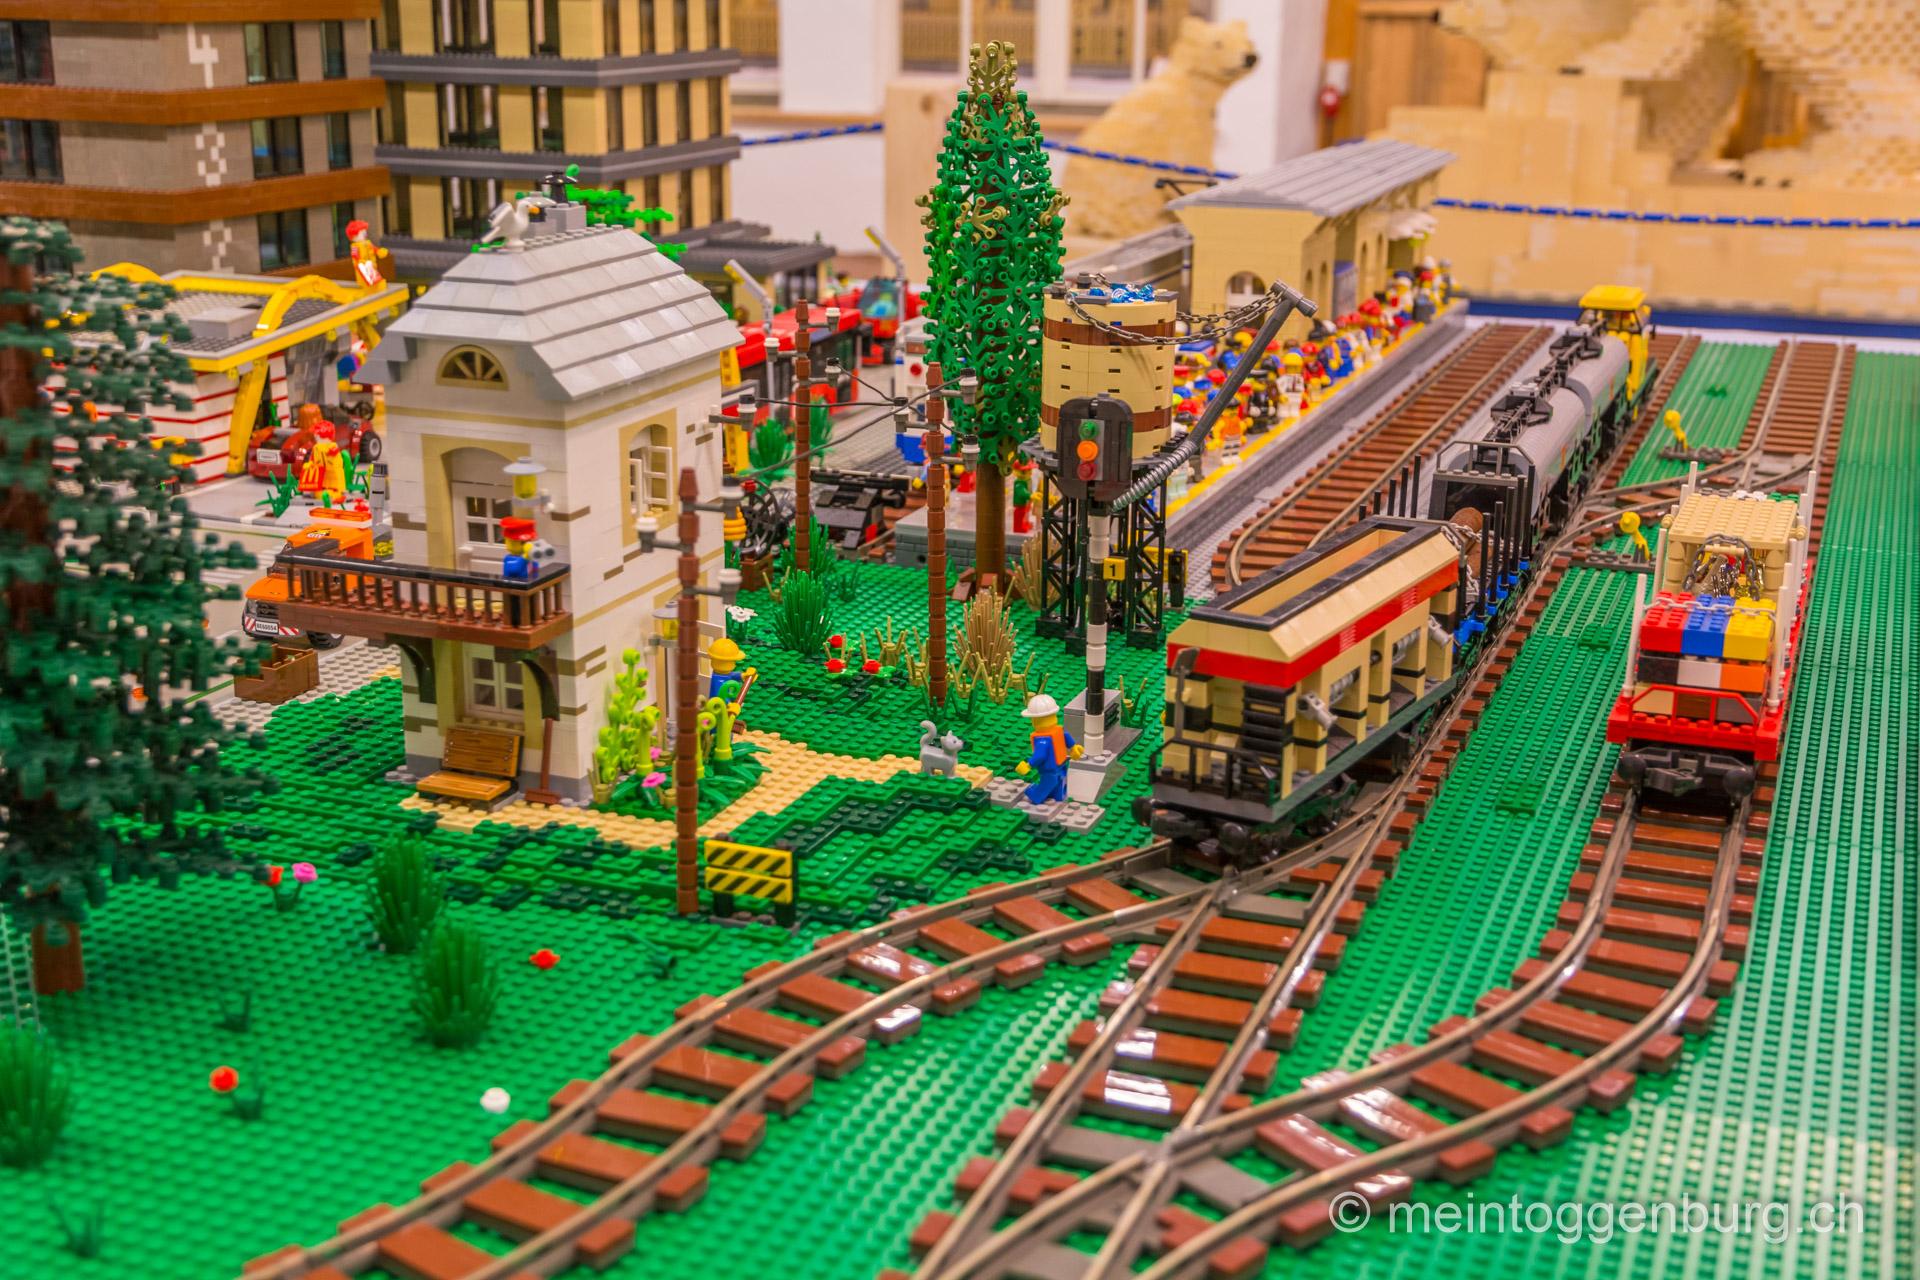 Erlebniswelt Toggenburg Sonderausstellung Lego